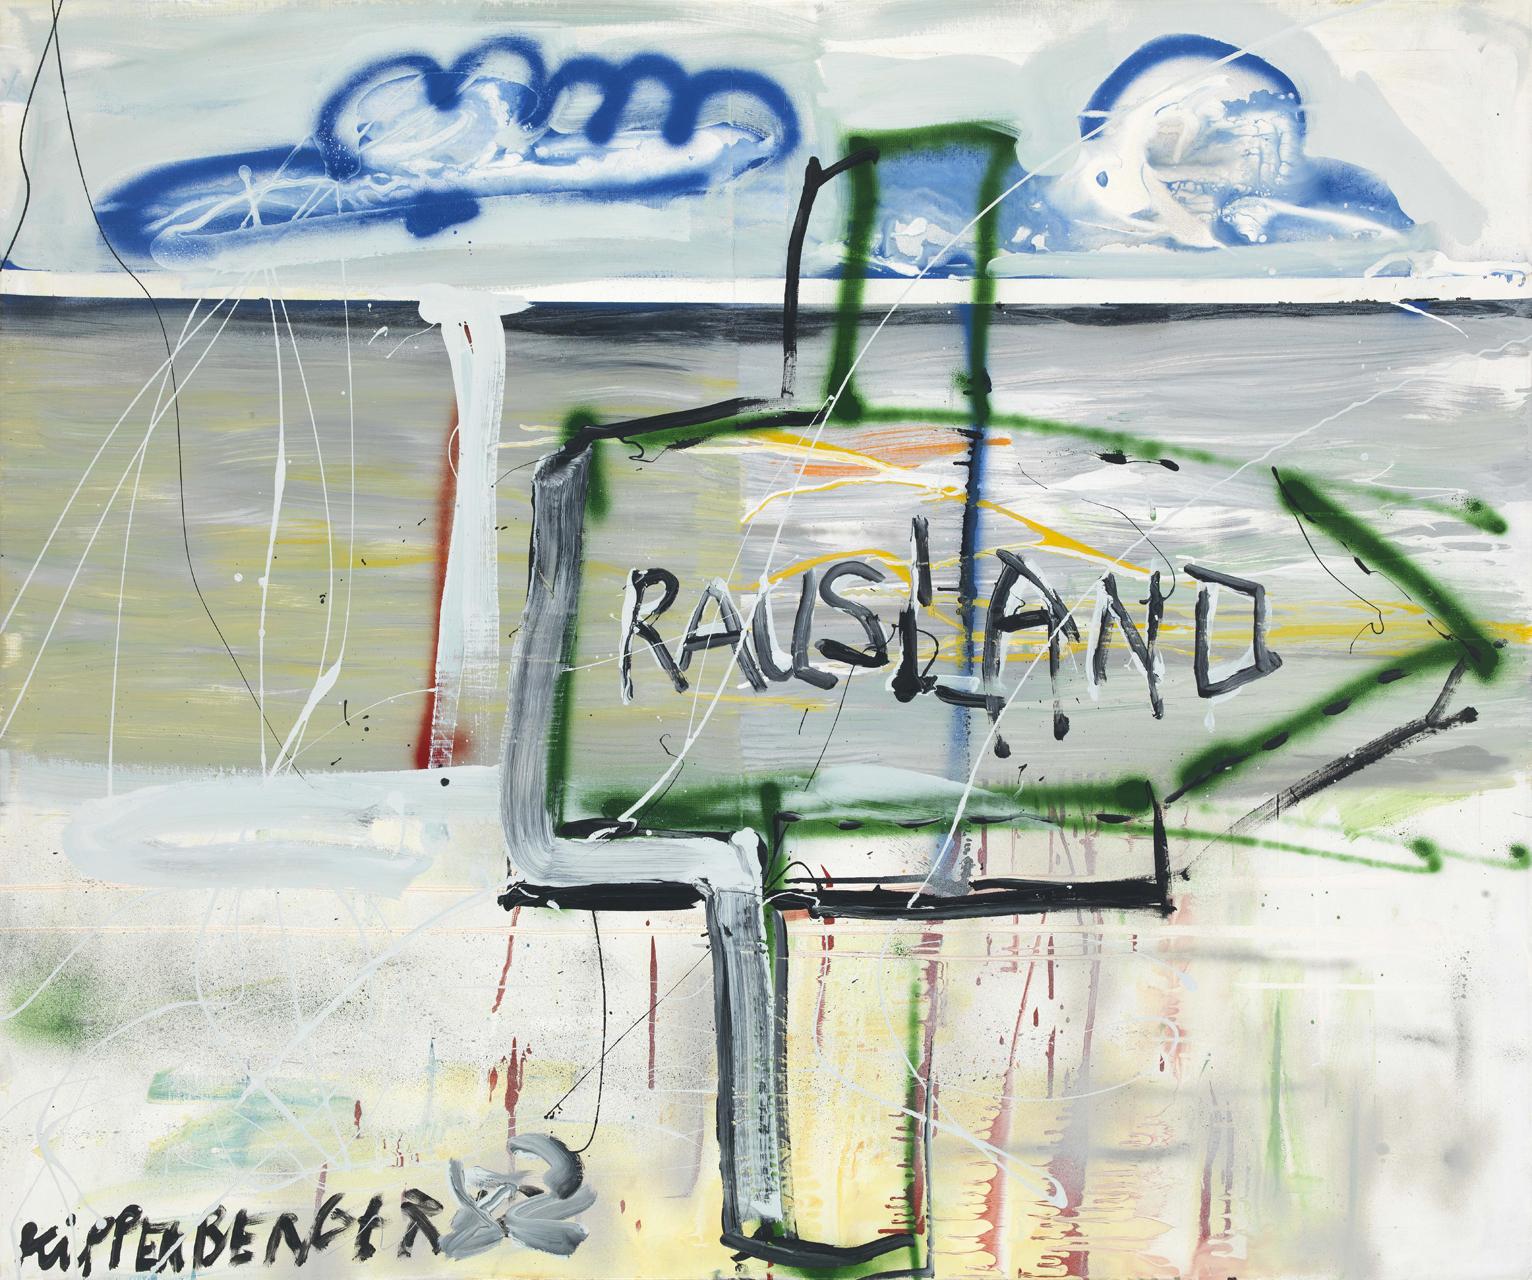 Martin Kippenberger, Rausland, 1982, Öl und Sprayfarbe auf Leinwand, 100 x 120 cm